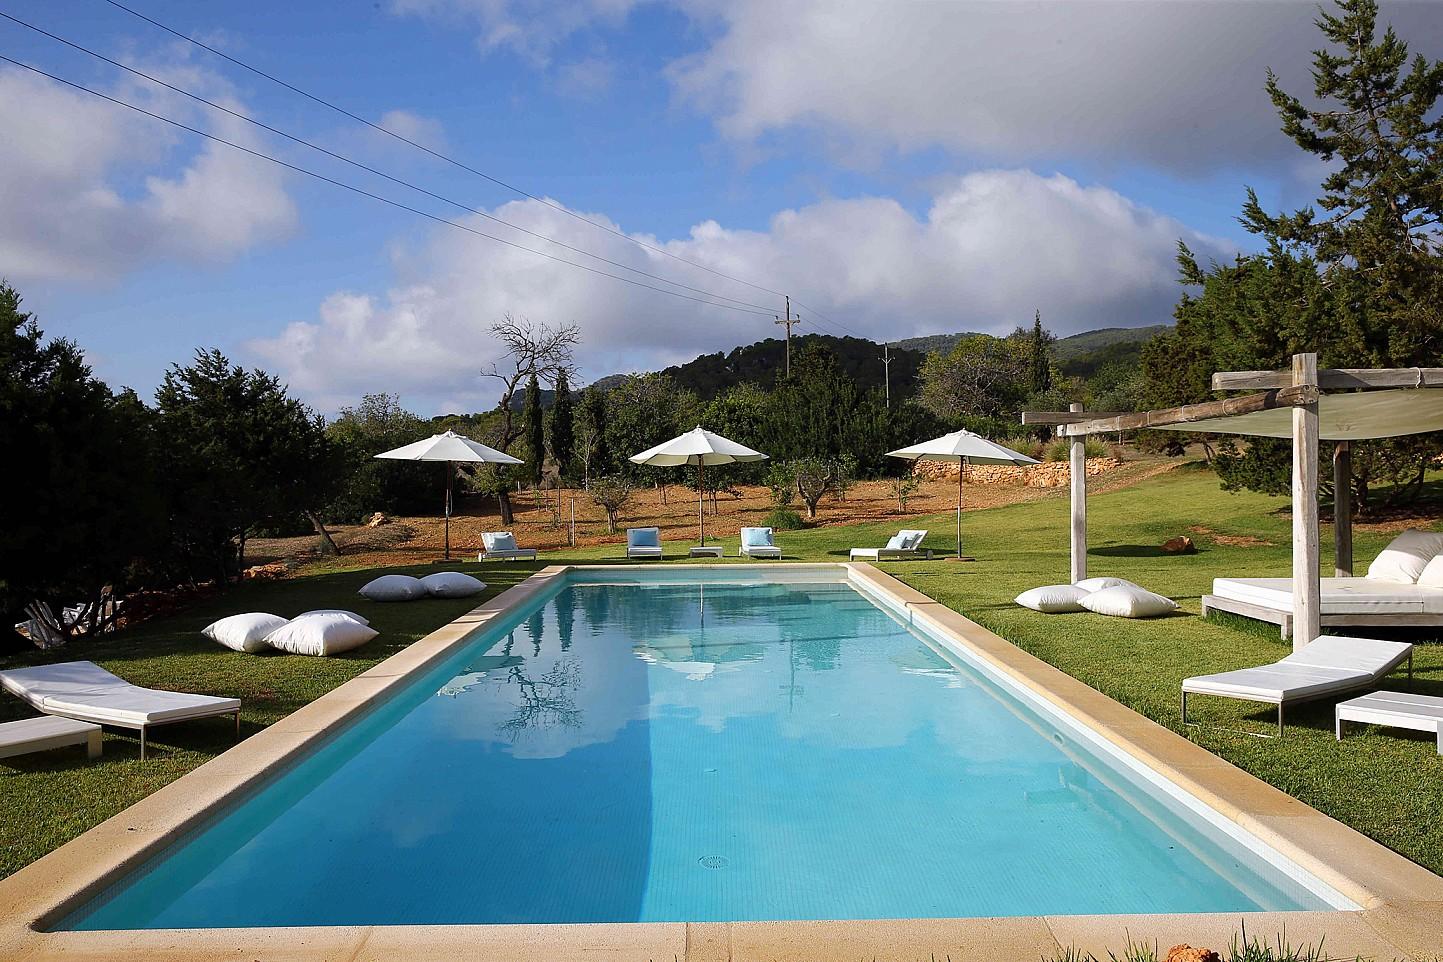 Majestuosa piscina en el jardín rodeada de hamacas